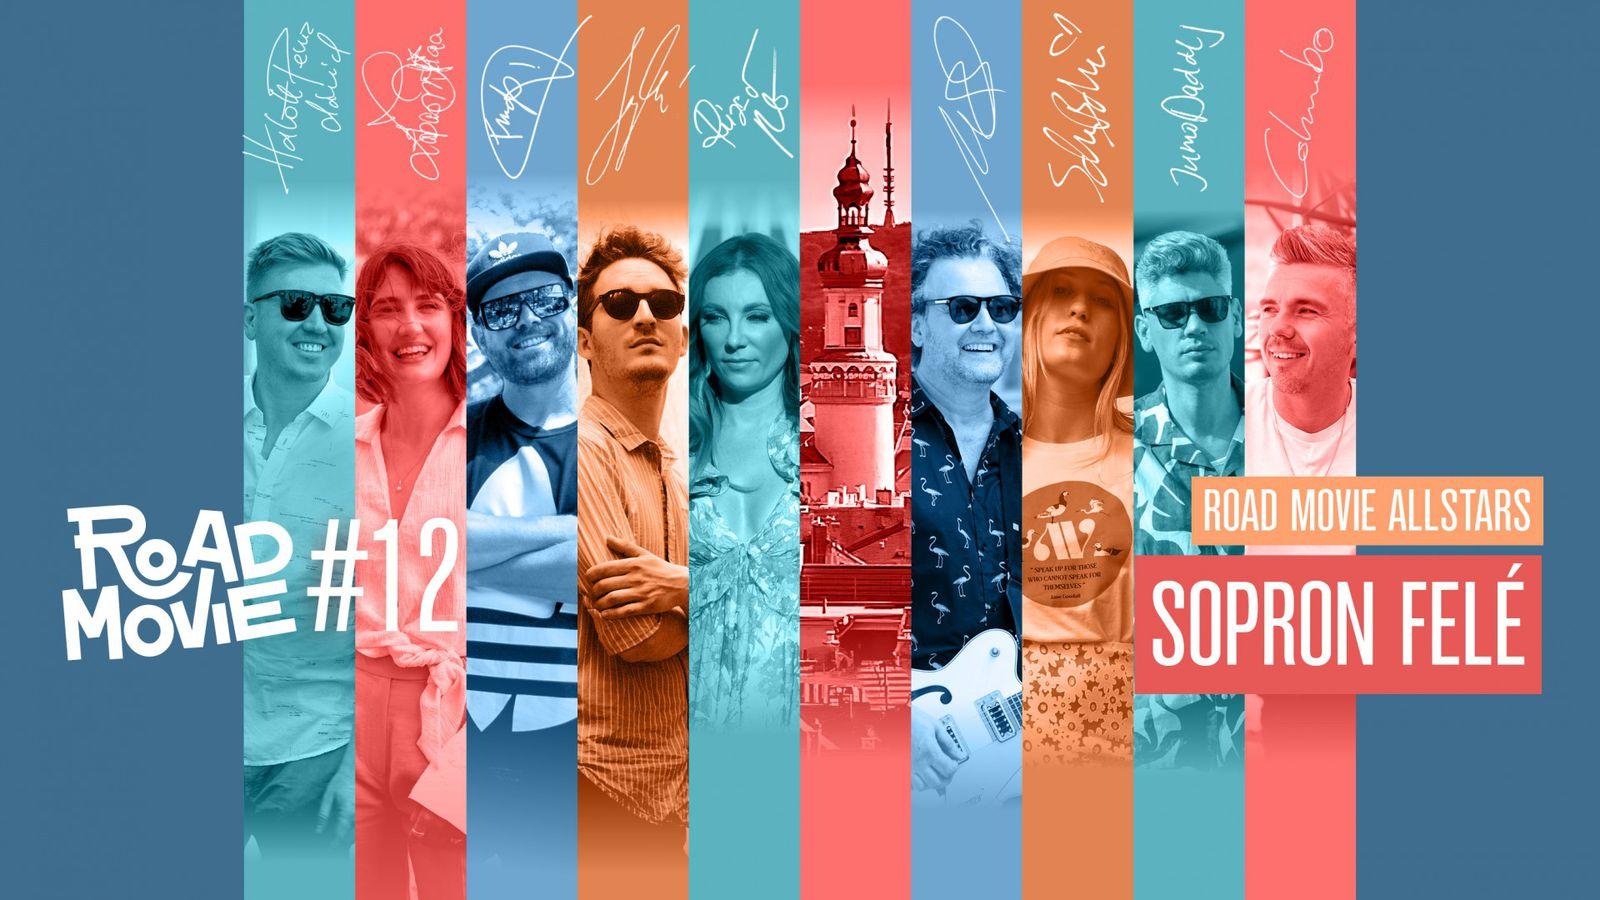 Road Movie Allstars: Sopron felé